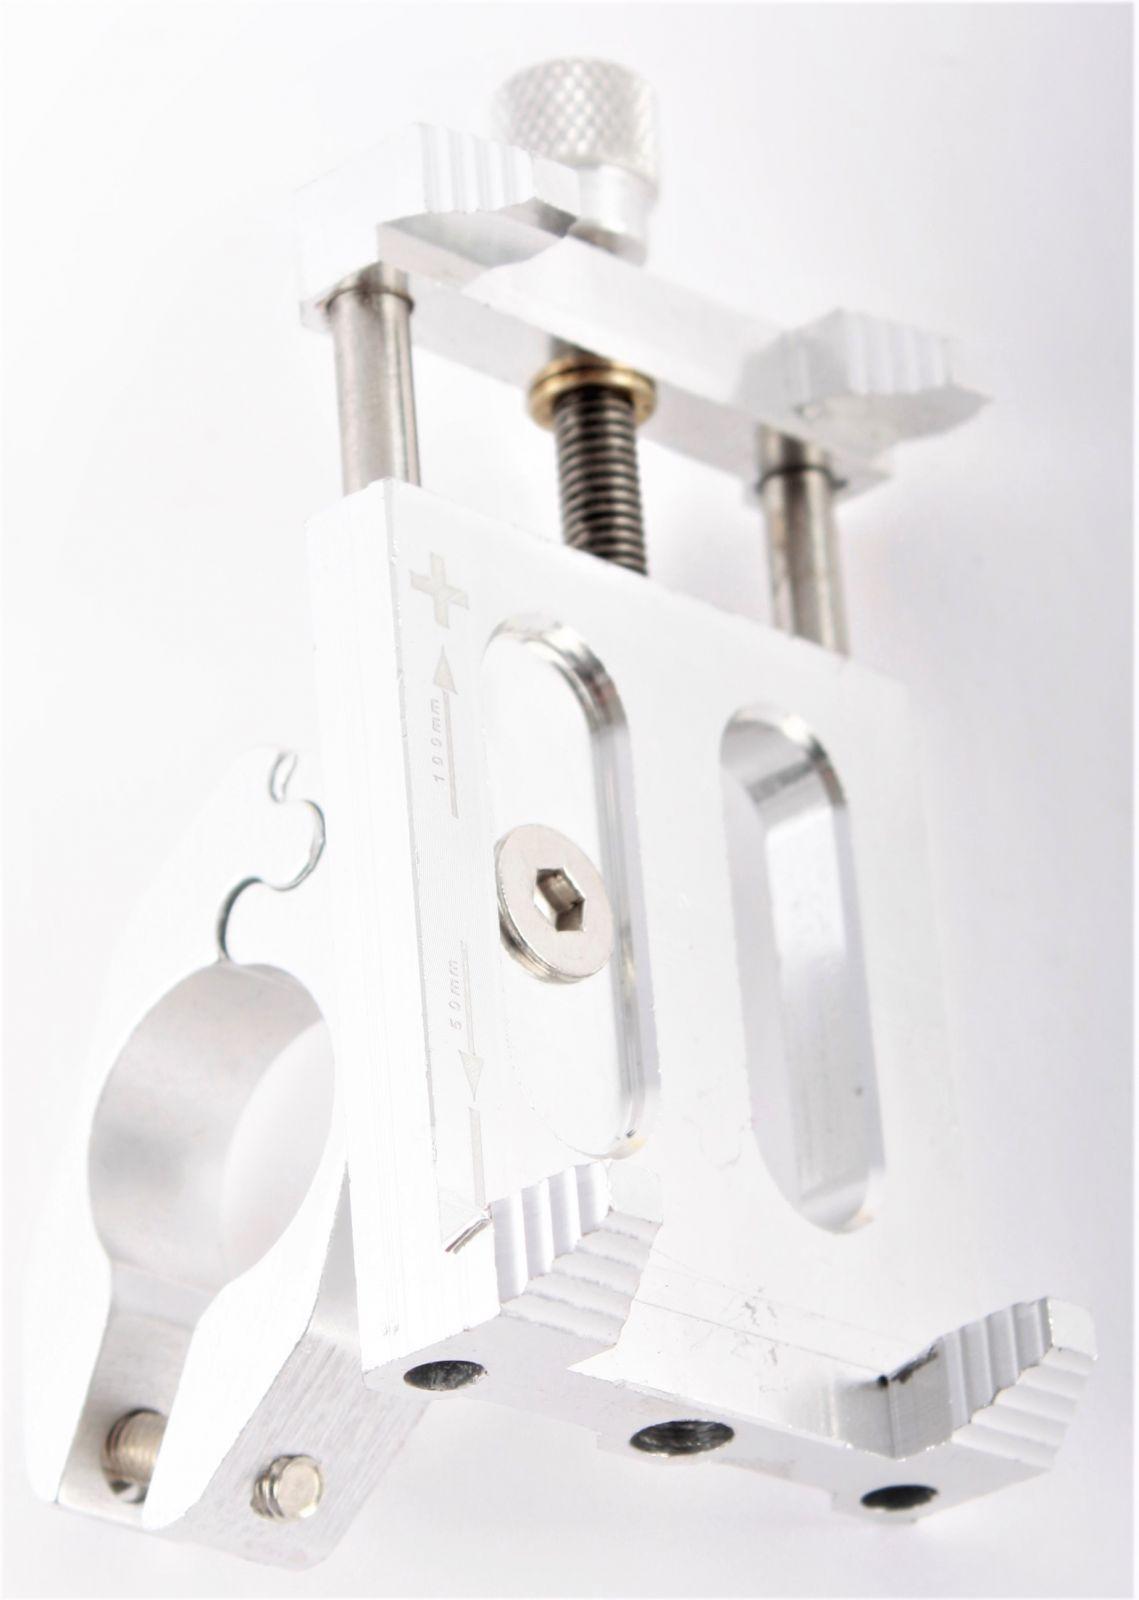 elektrokolobezka-prislusenstvi